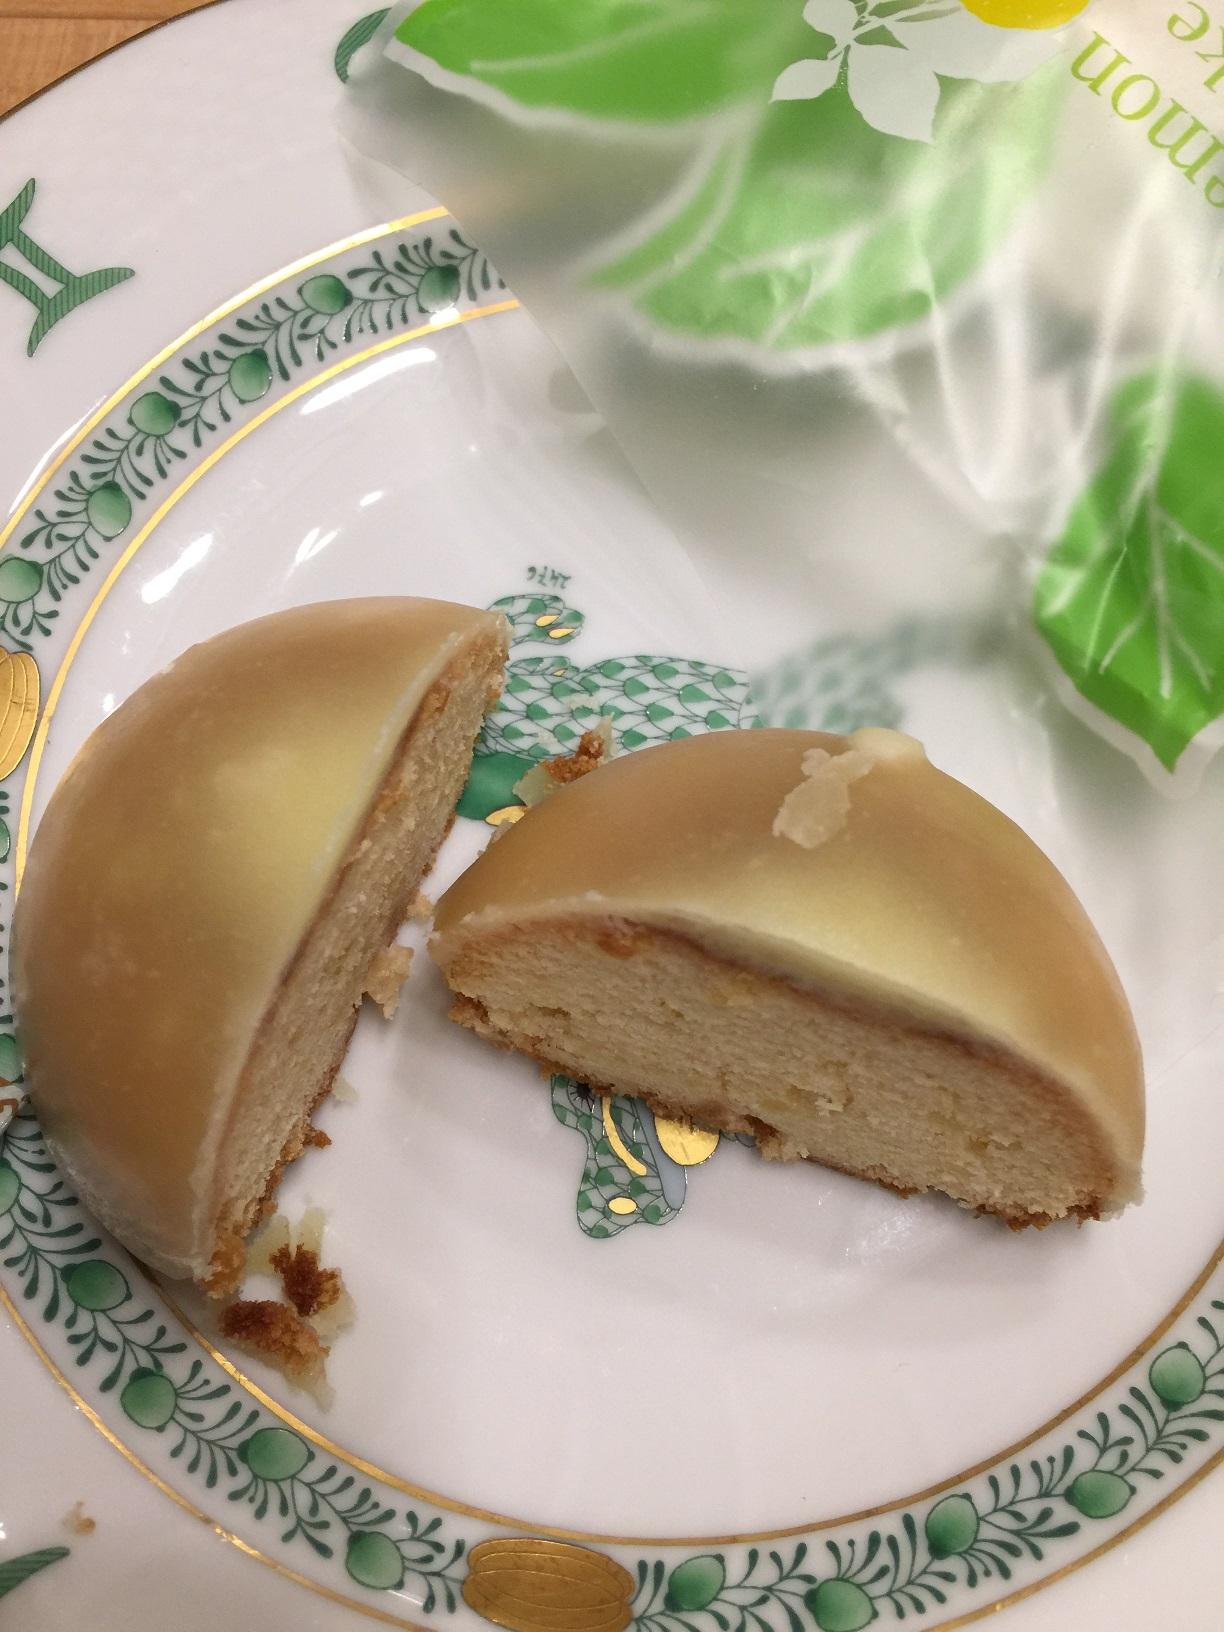 ヴェール ケーキ リム レモン